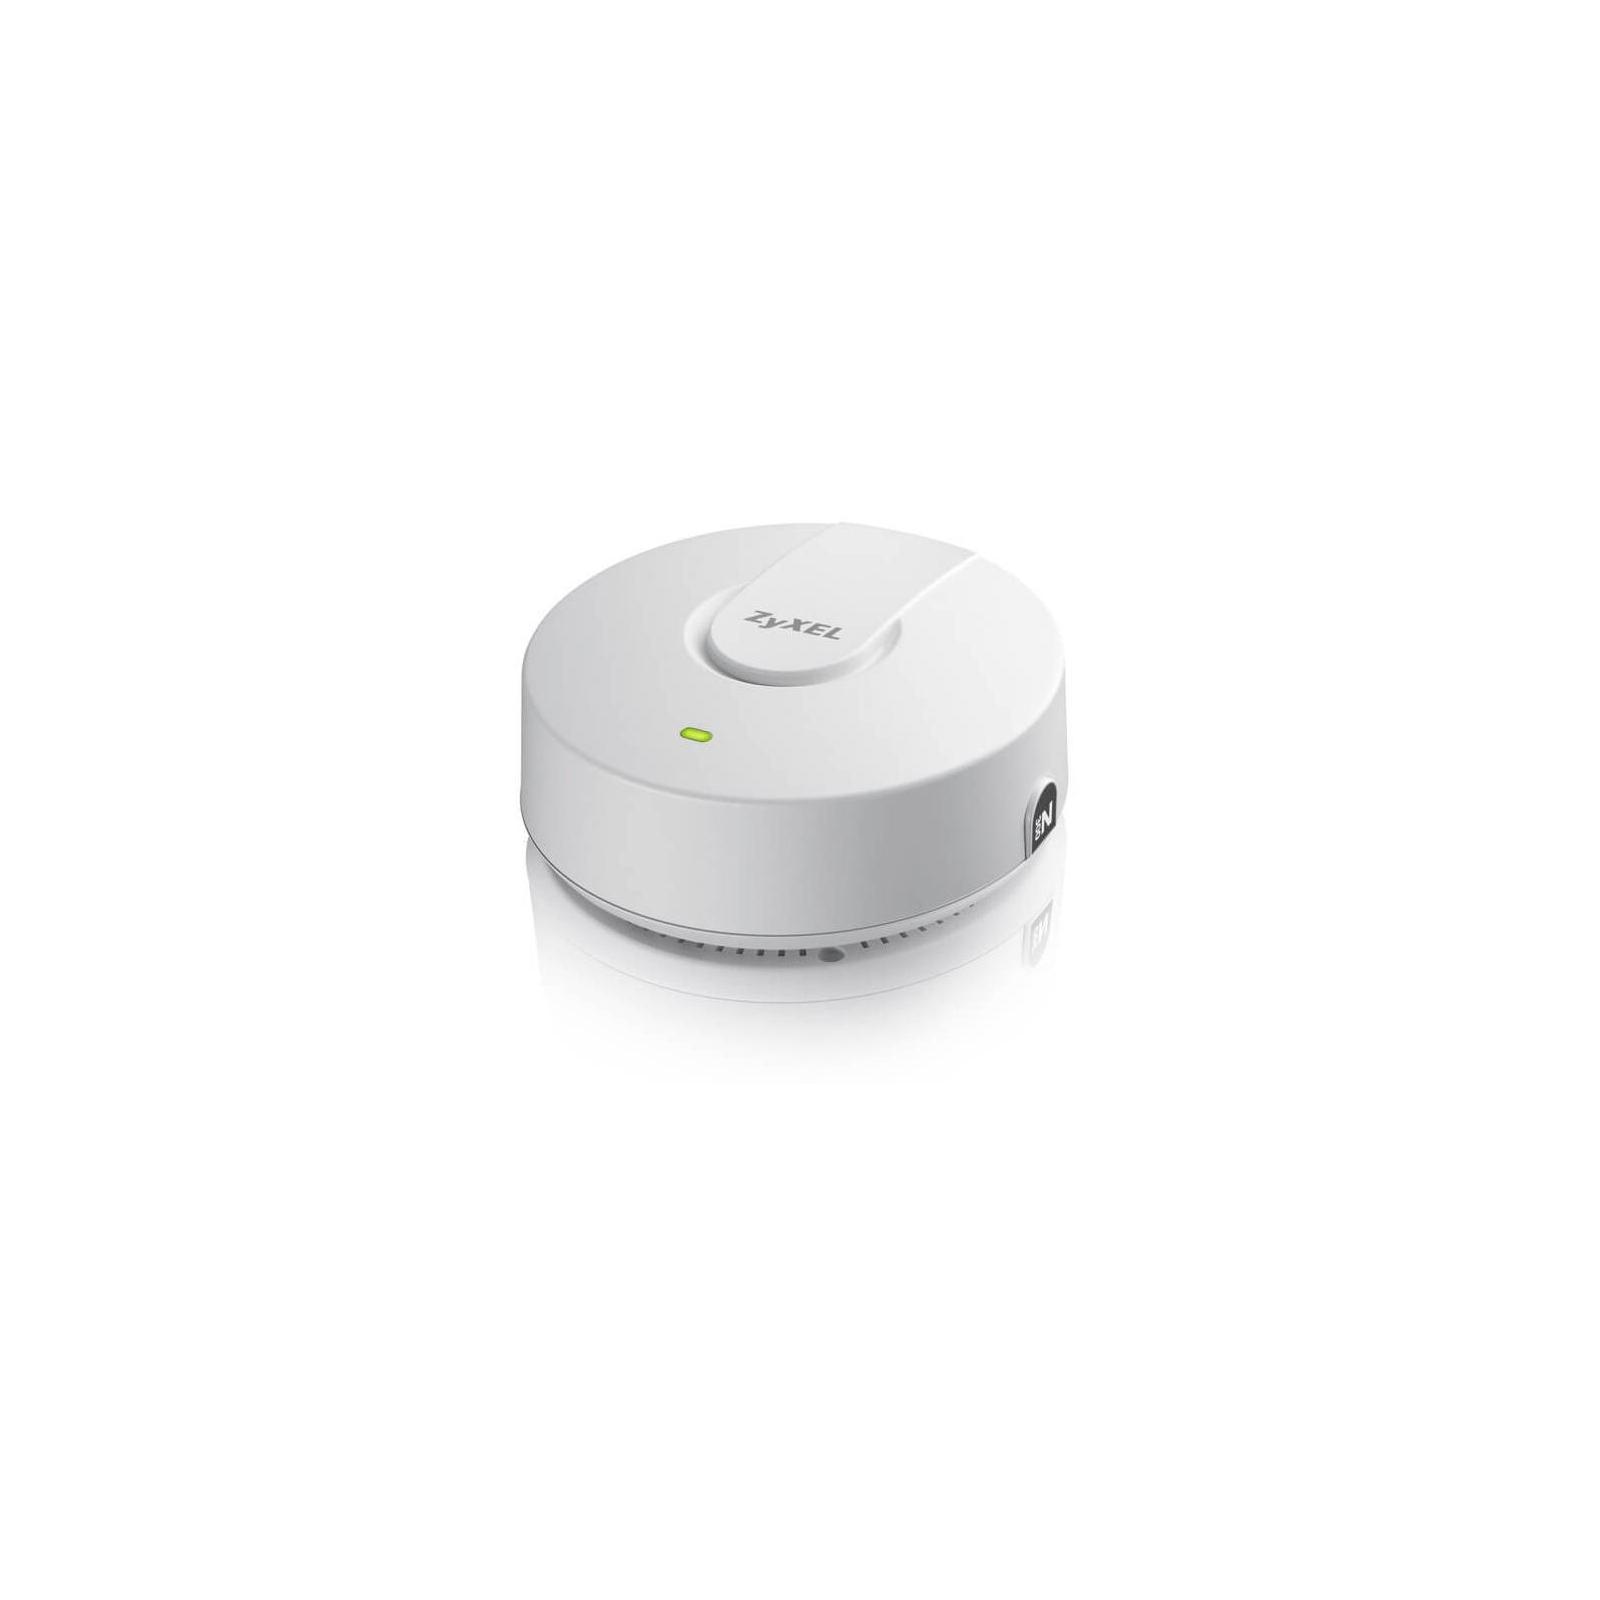 Точка доступа Wi-Fi ZyXel NWA5121-NI изображение 3